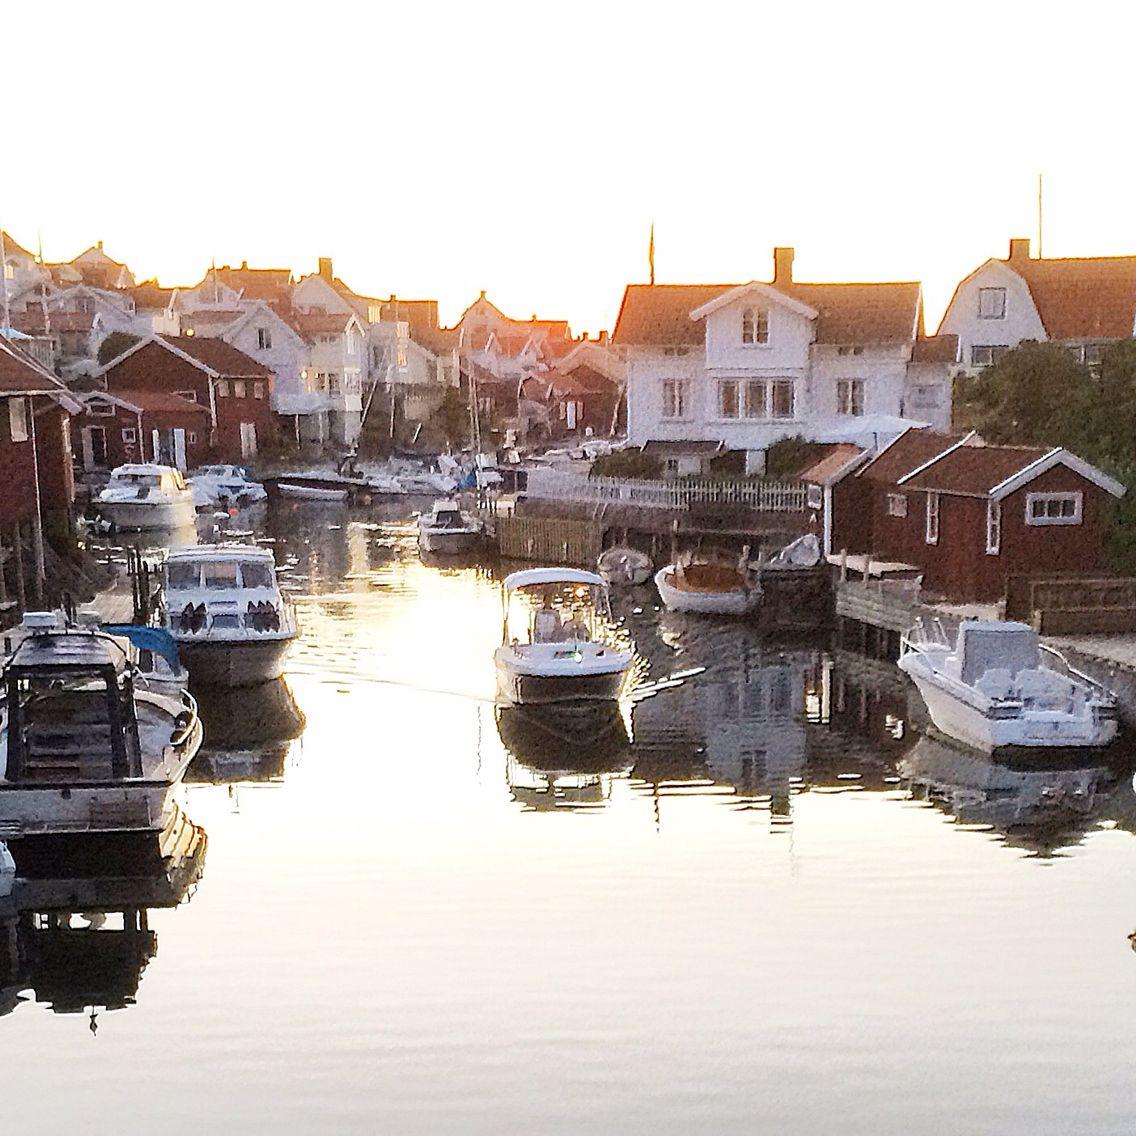 Summer in Grundsund, Sweden